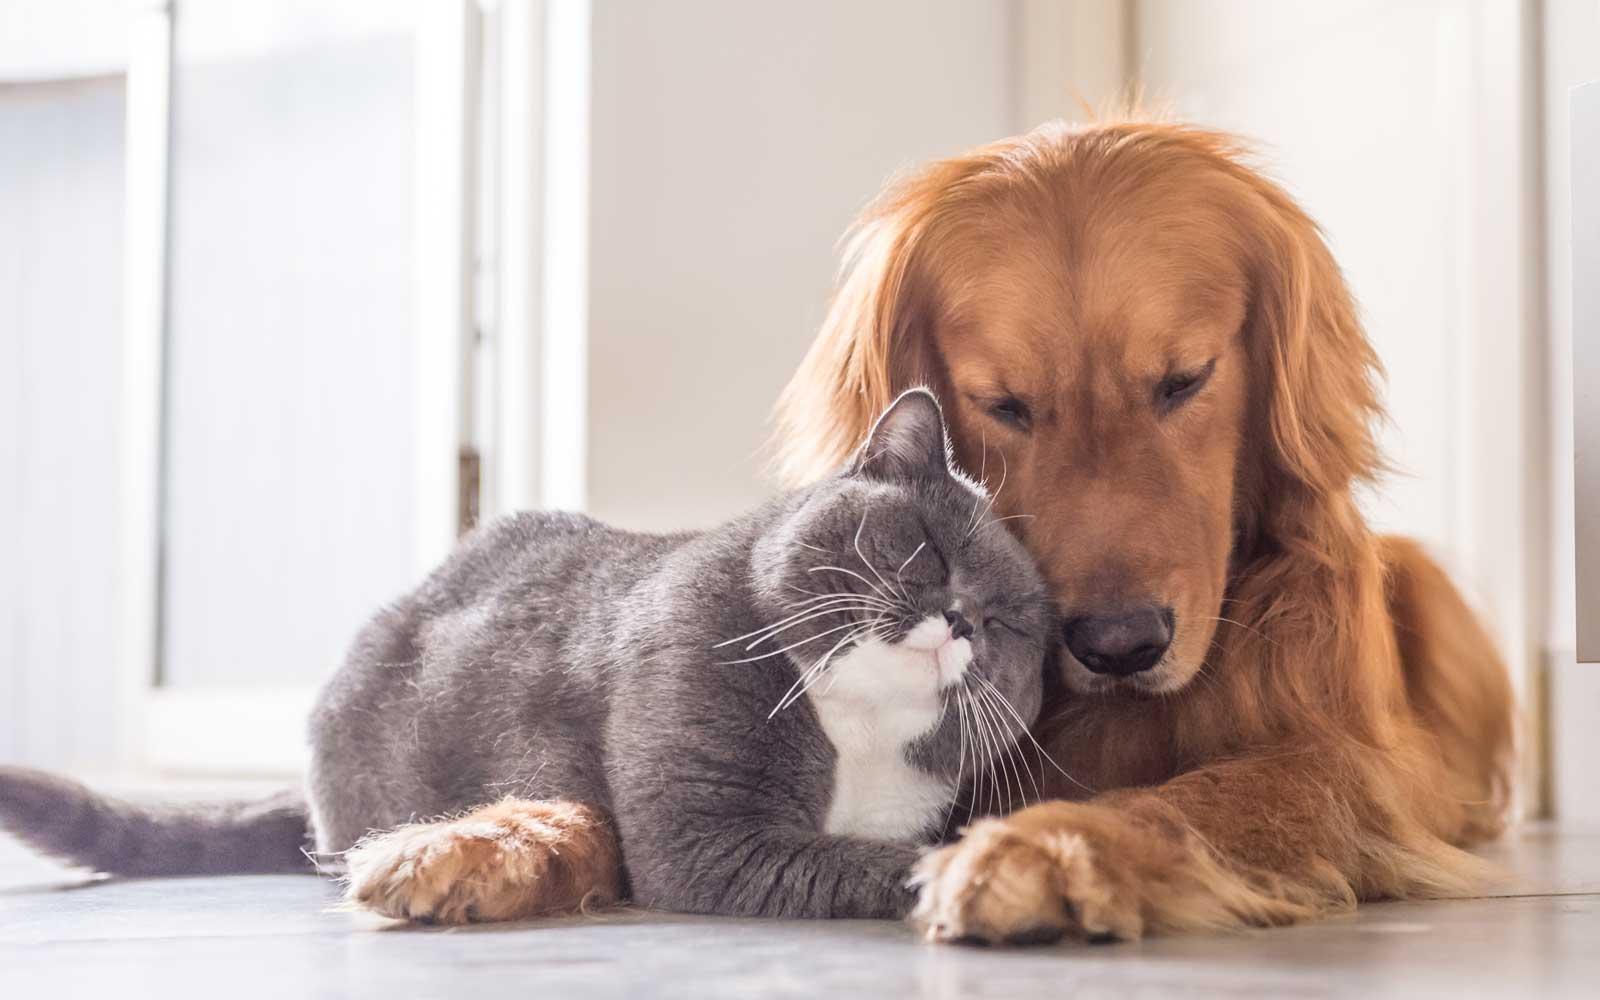 Coronavirus, come comportarsi con cane e gatto